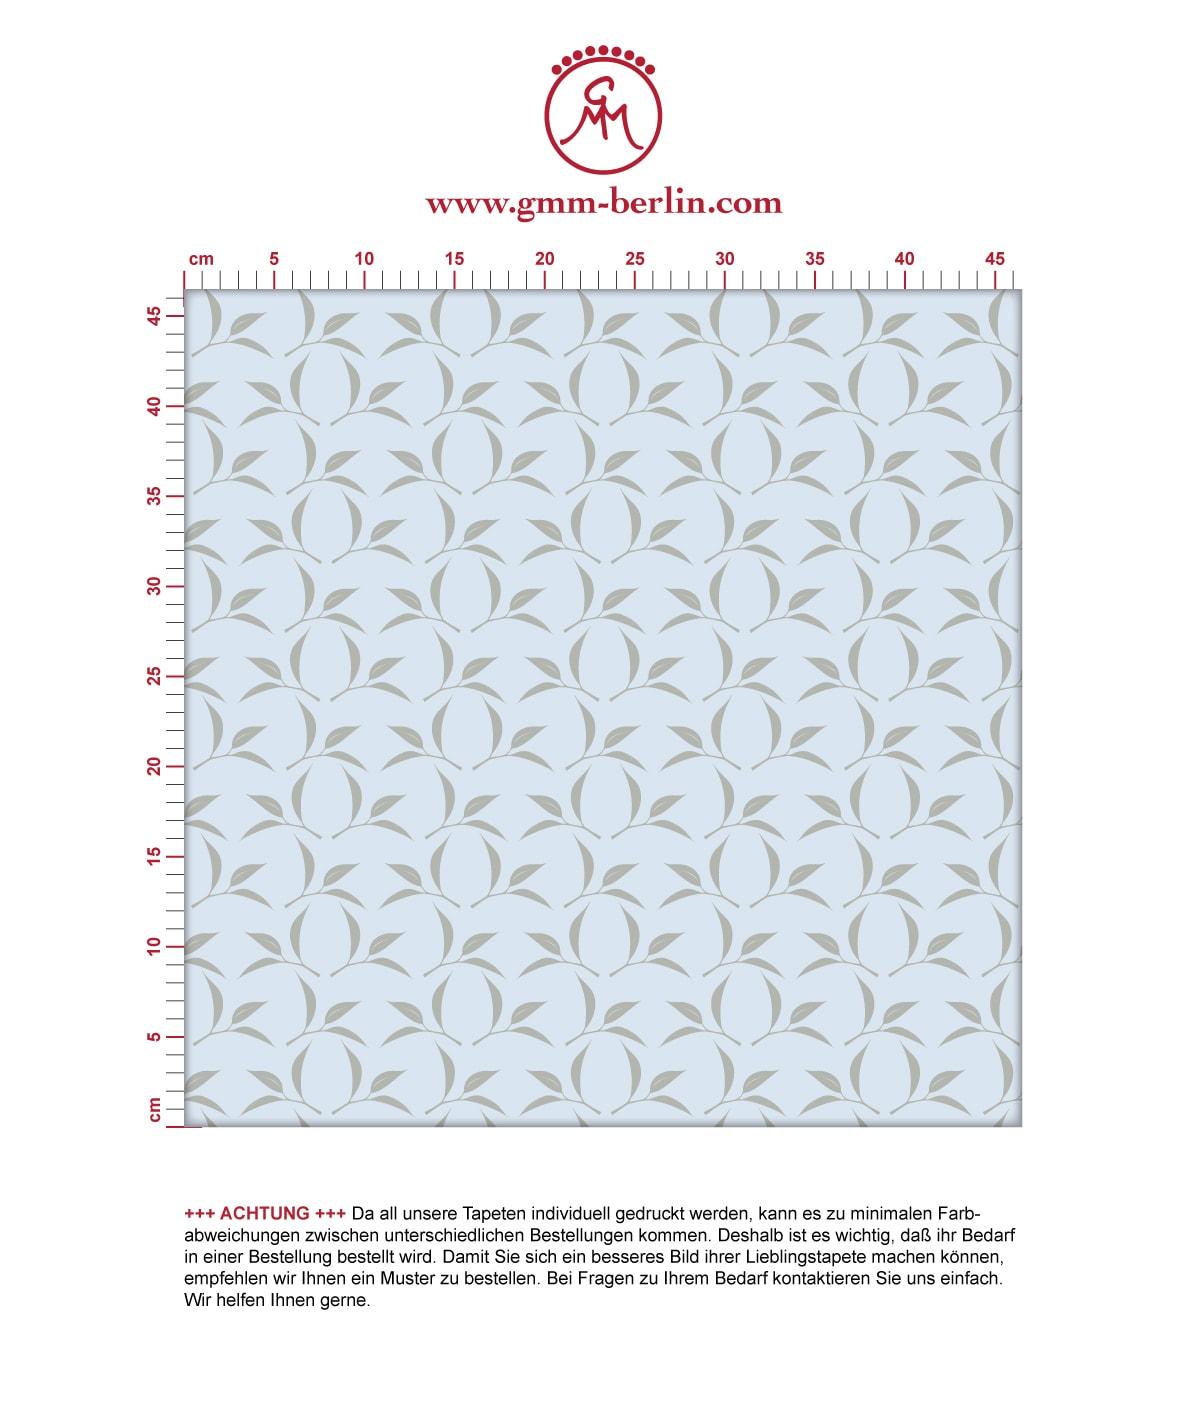 Ornament Tapete Tea Time mit Tee Blättern in grau, Design Tapete für Ihr Zuhause. Aus dem GMM-BERLIN.com Sortiment: Schöne Tapeten in der Farbe: hellblau